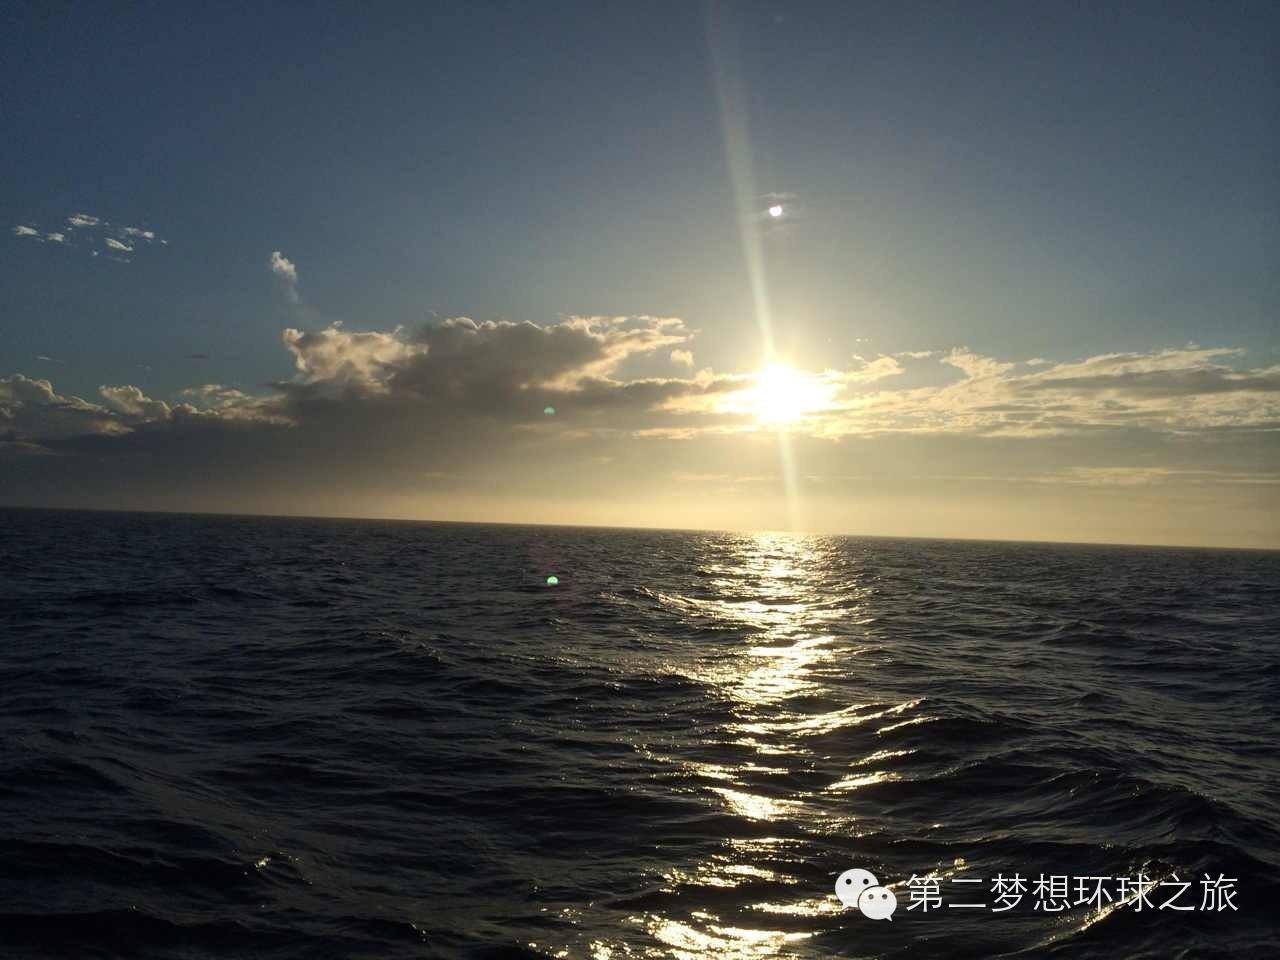 第二梦想号:告别夏威夷,继续前行 0.jpg